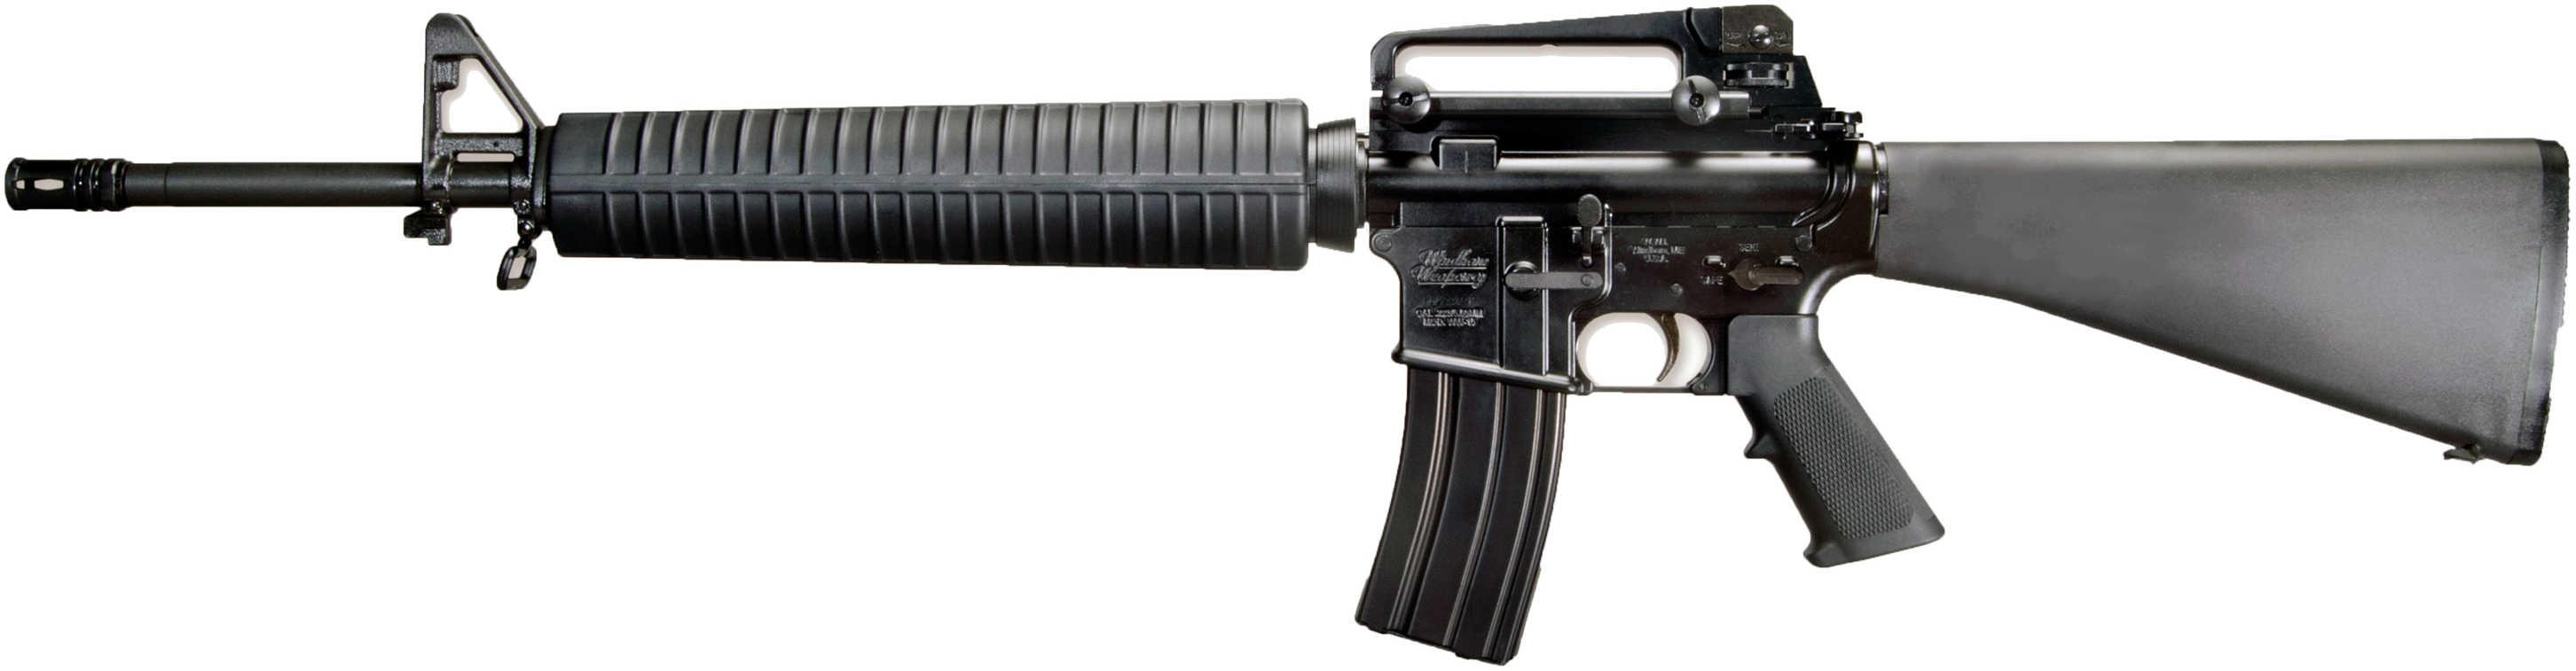 """Windham Weaponry 15 Government .223 Remington /5.56 NATO 20"""" Barrel 30 Round A2 Black Semi Automatic Rifle R20GVTA4S7"""